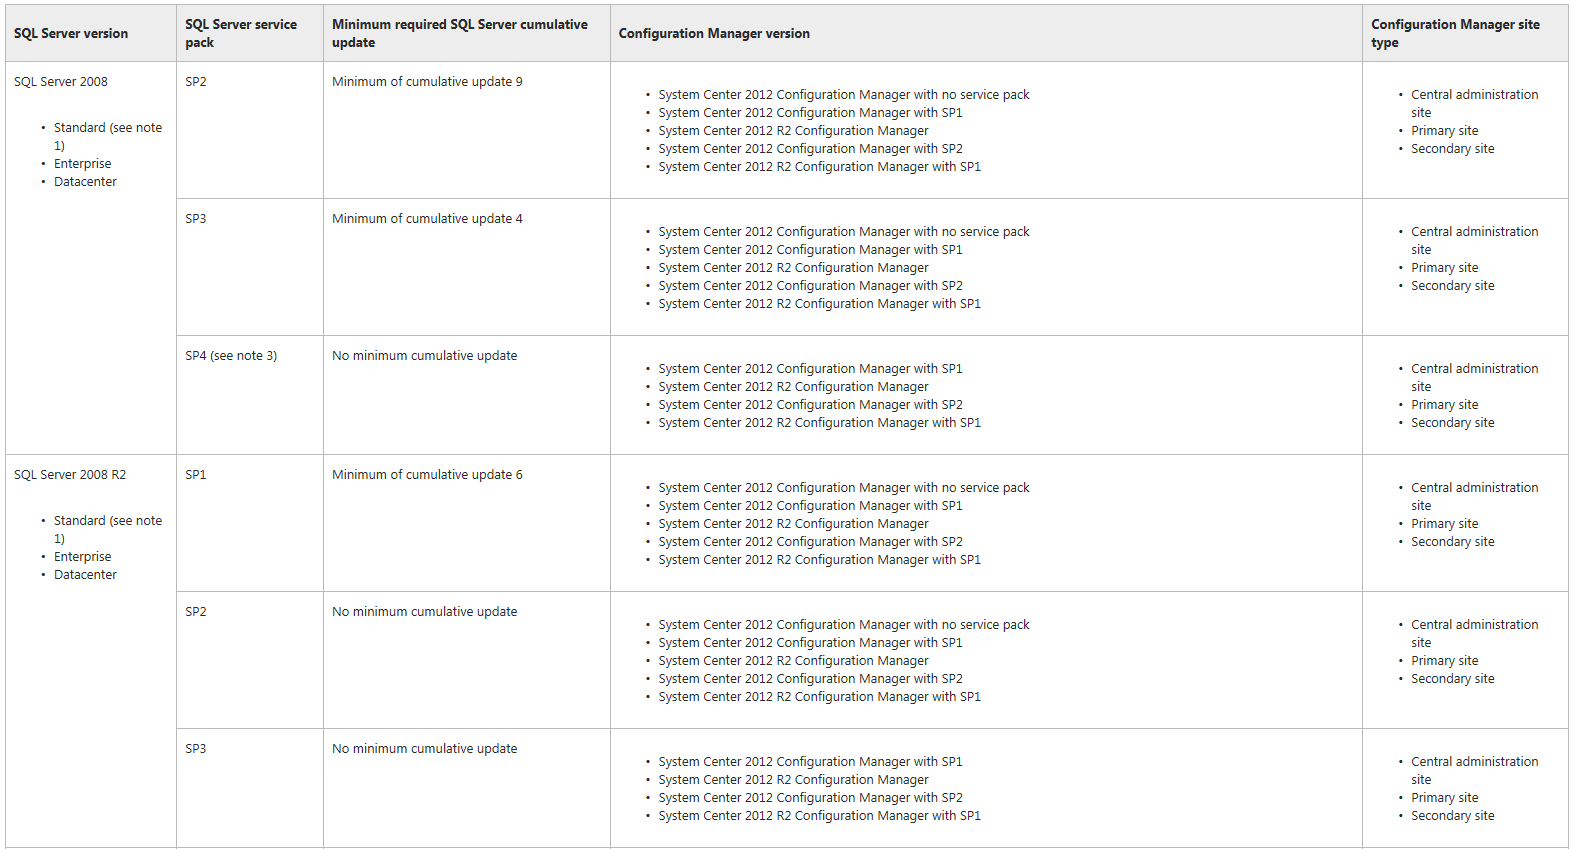 1.4-1 Configuration Manager Tarafından Desteklenen SQL Server Sürümleri